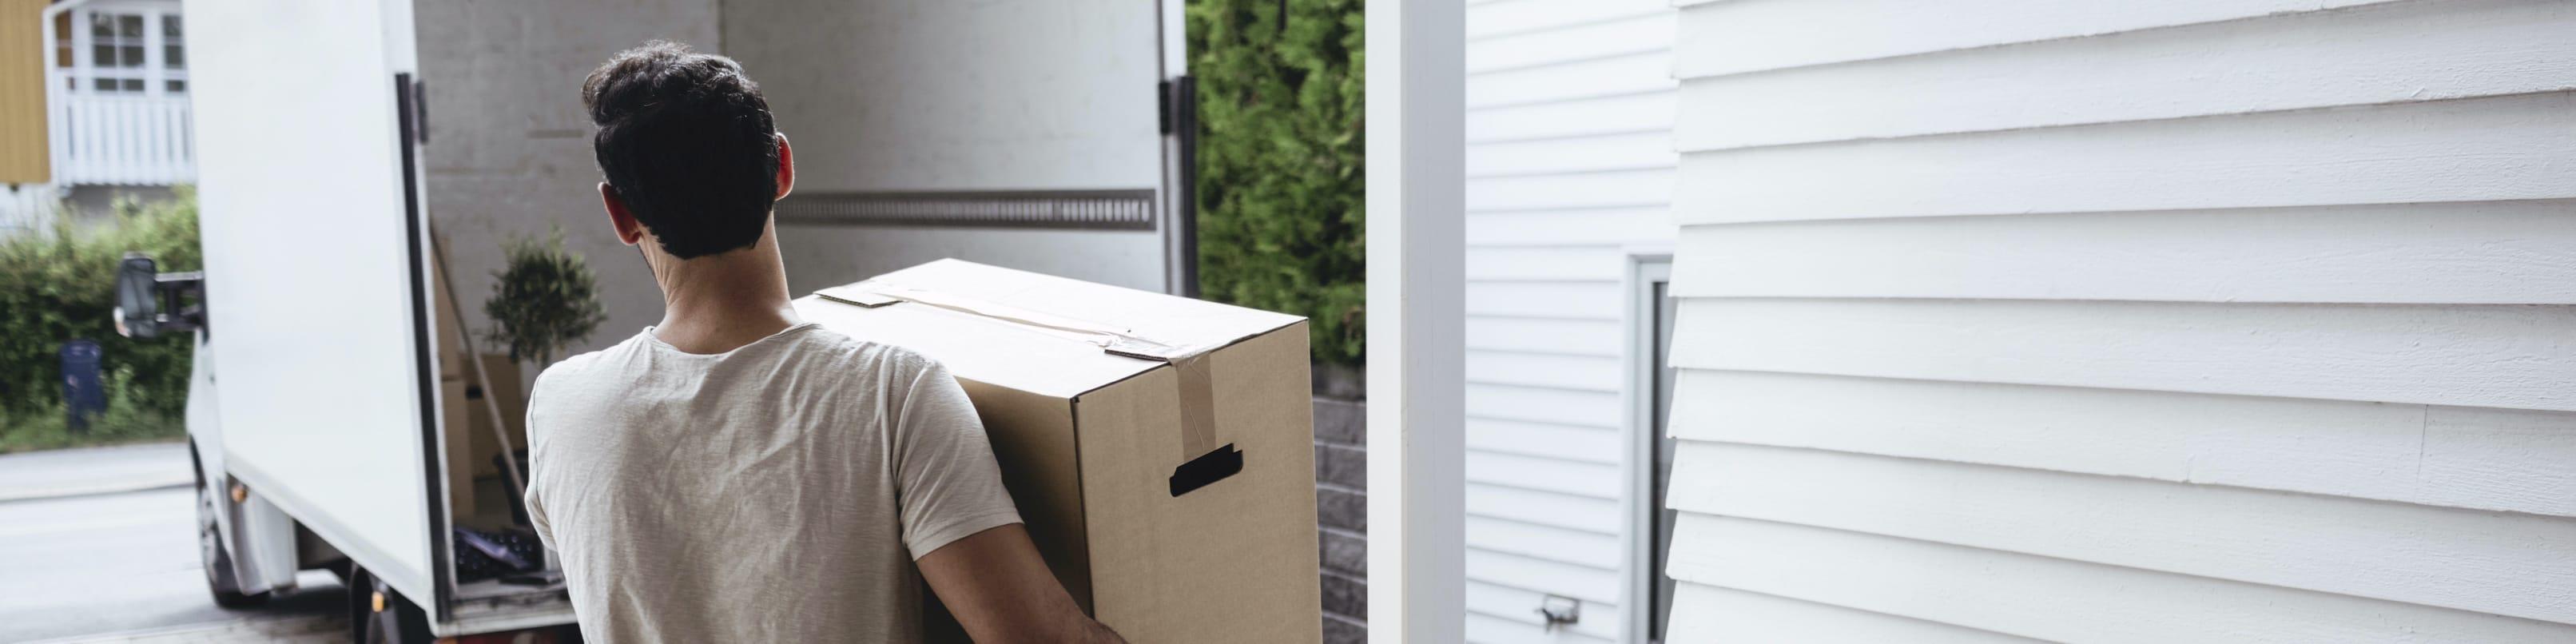 Mann räumt Kartons in den Transporter.